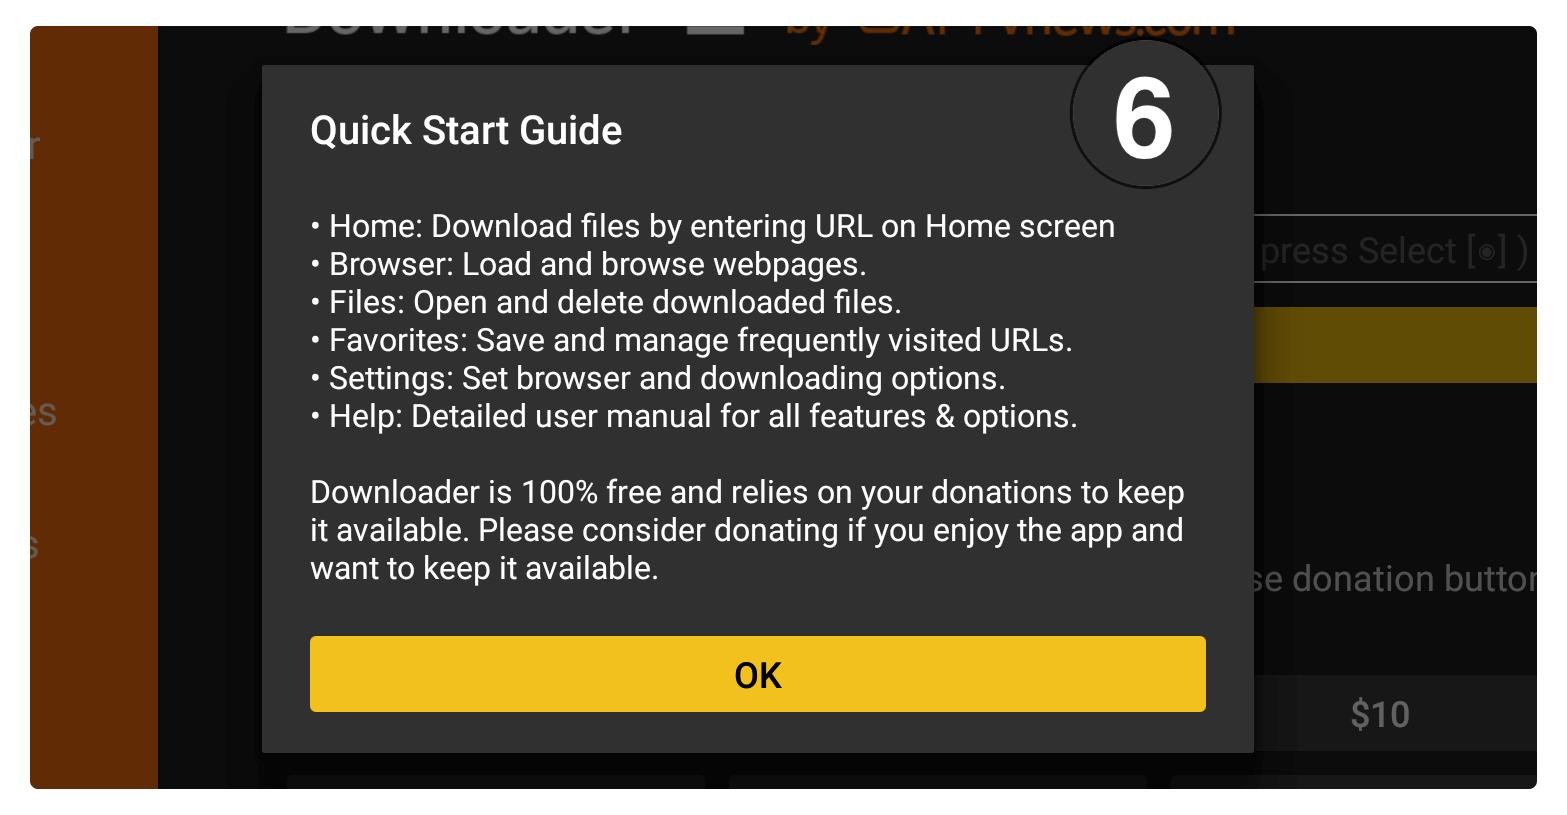 Installing-Netflix-On-Firestick